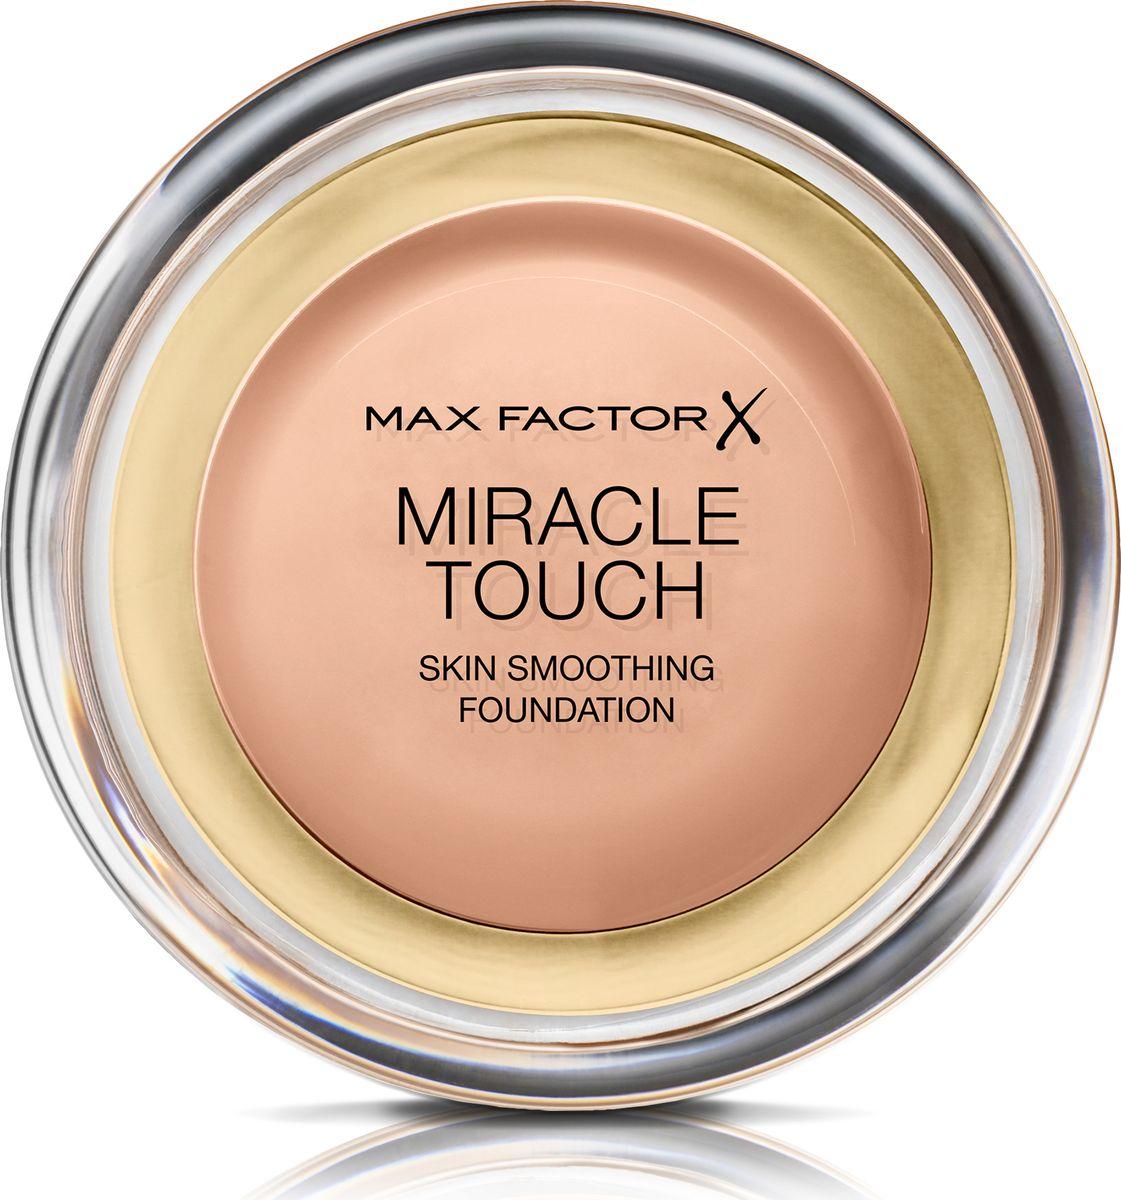 Max Factor Тональная Основа Miracle Touch Тон 55 blushing beige 11,5 гр81057Уникальная универсальная тональная основа Max Factor Miracle Touch обладает кремообразной формулой, благодаря которой превосходно подготовить кожу для макияжа очень легко. Всего один слой без необходимости нанесения консилера или пудры. Легкая твердая тональная основа тает в руках и гладко наносится на кожу, создавая идеальное, безупречно блестящее и равномерное покрытие, не слишком прозрачное и не слишком плотное. В результате кожа выглядит свежей, необычайно ровной и приобретает сияние. Чтобы создать безупречное покрытие, можно нанести всего один легкий слой тональной основы или же сделать покрытие более плотным благодаря специальной формуле. Тональная основа подходит для всех типов кожи, включая чувствительную кожу, и не вызывает угревой сыпи, так как не закупоривает поры. Спонж в комплекте для простого и аккуратного нанесения где угодно. Идеальное покрытие в один слой - консилер и пудра не нужны. Умеренное или плотное покрытие благодаря специальной формуле. Не вызывает угревую...